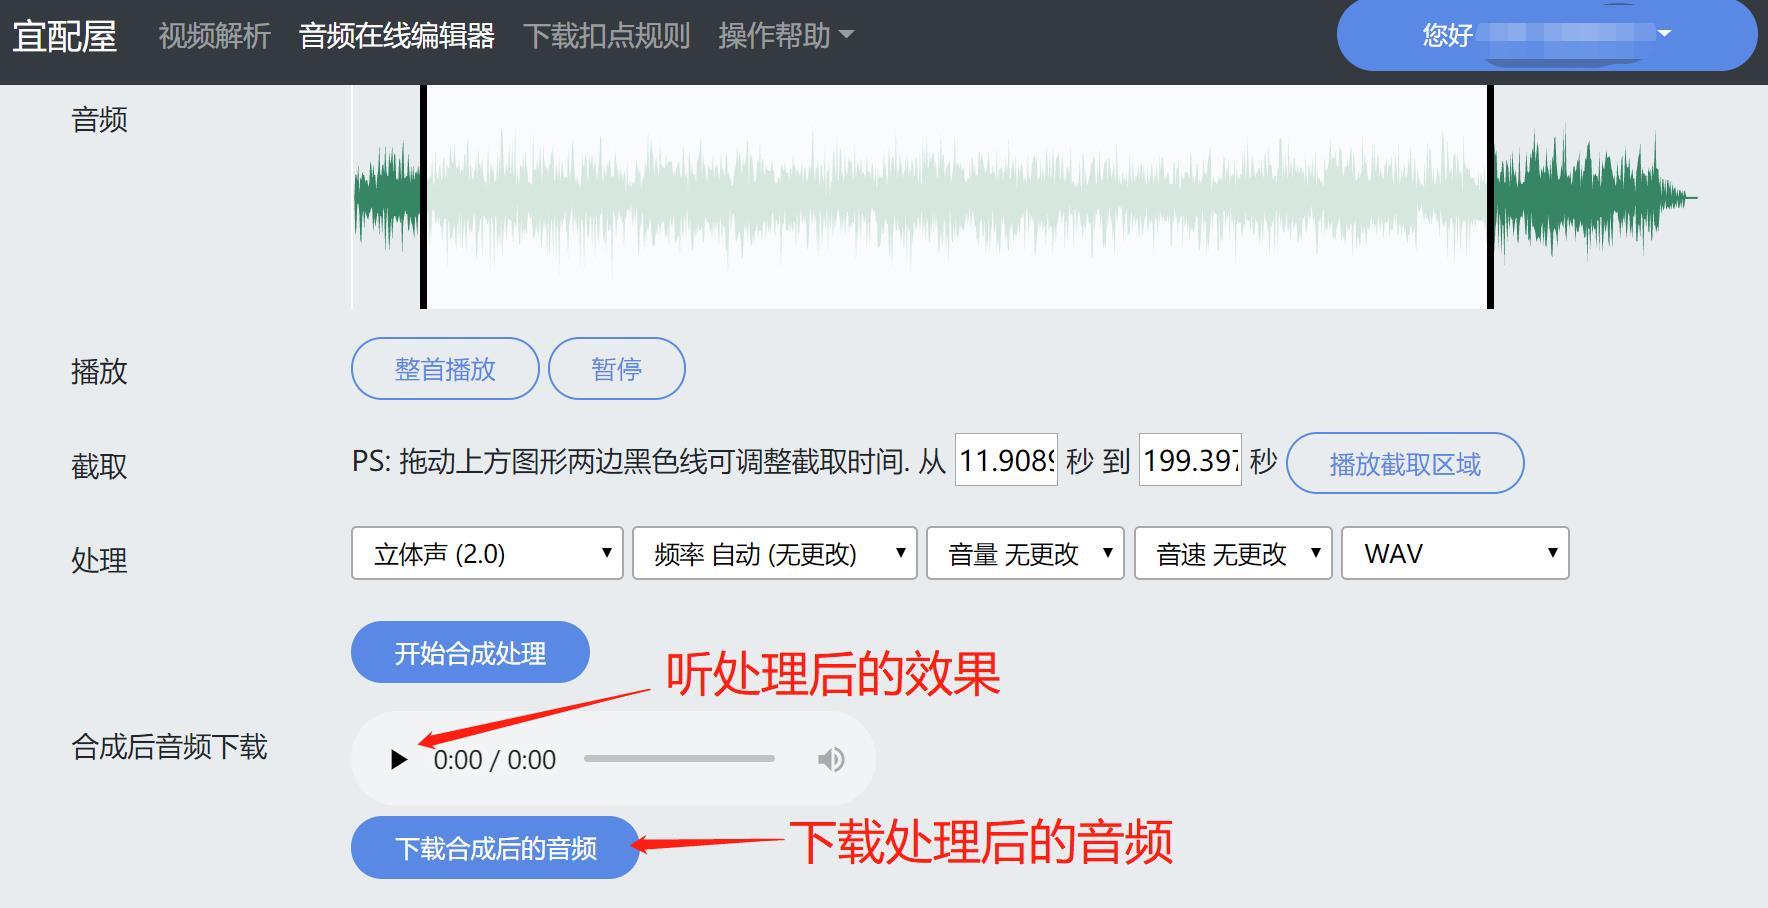 音乐在线编辑器-04.jpg